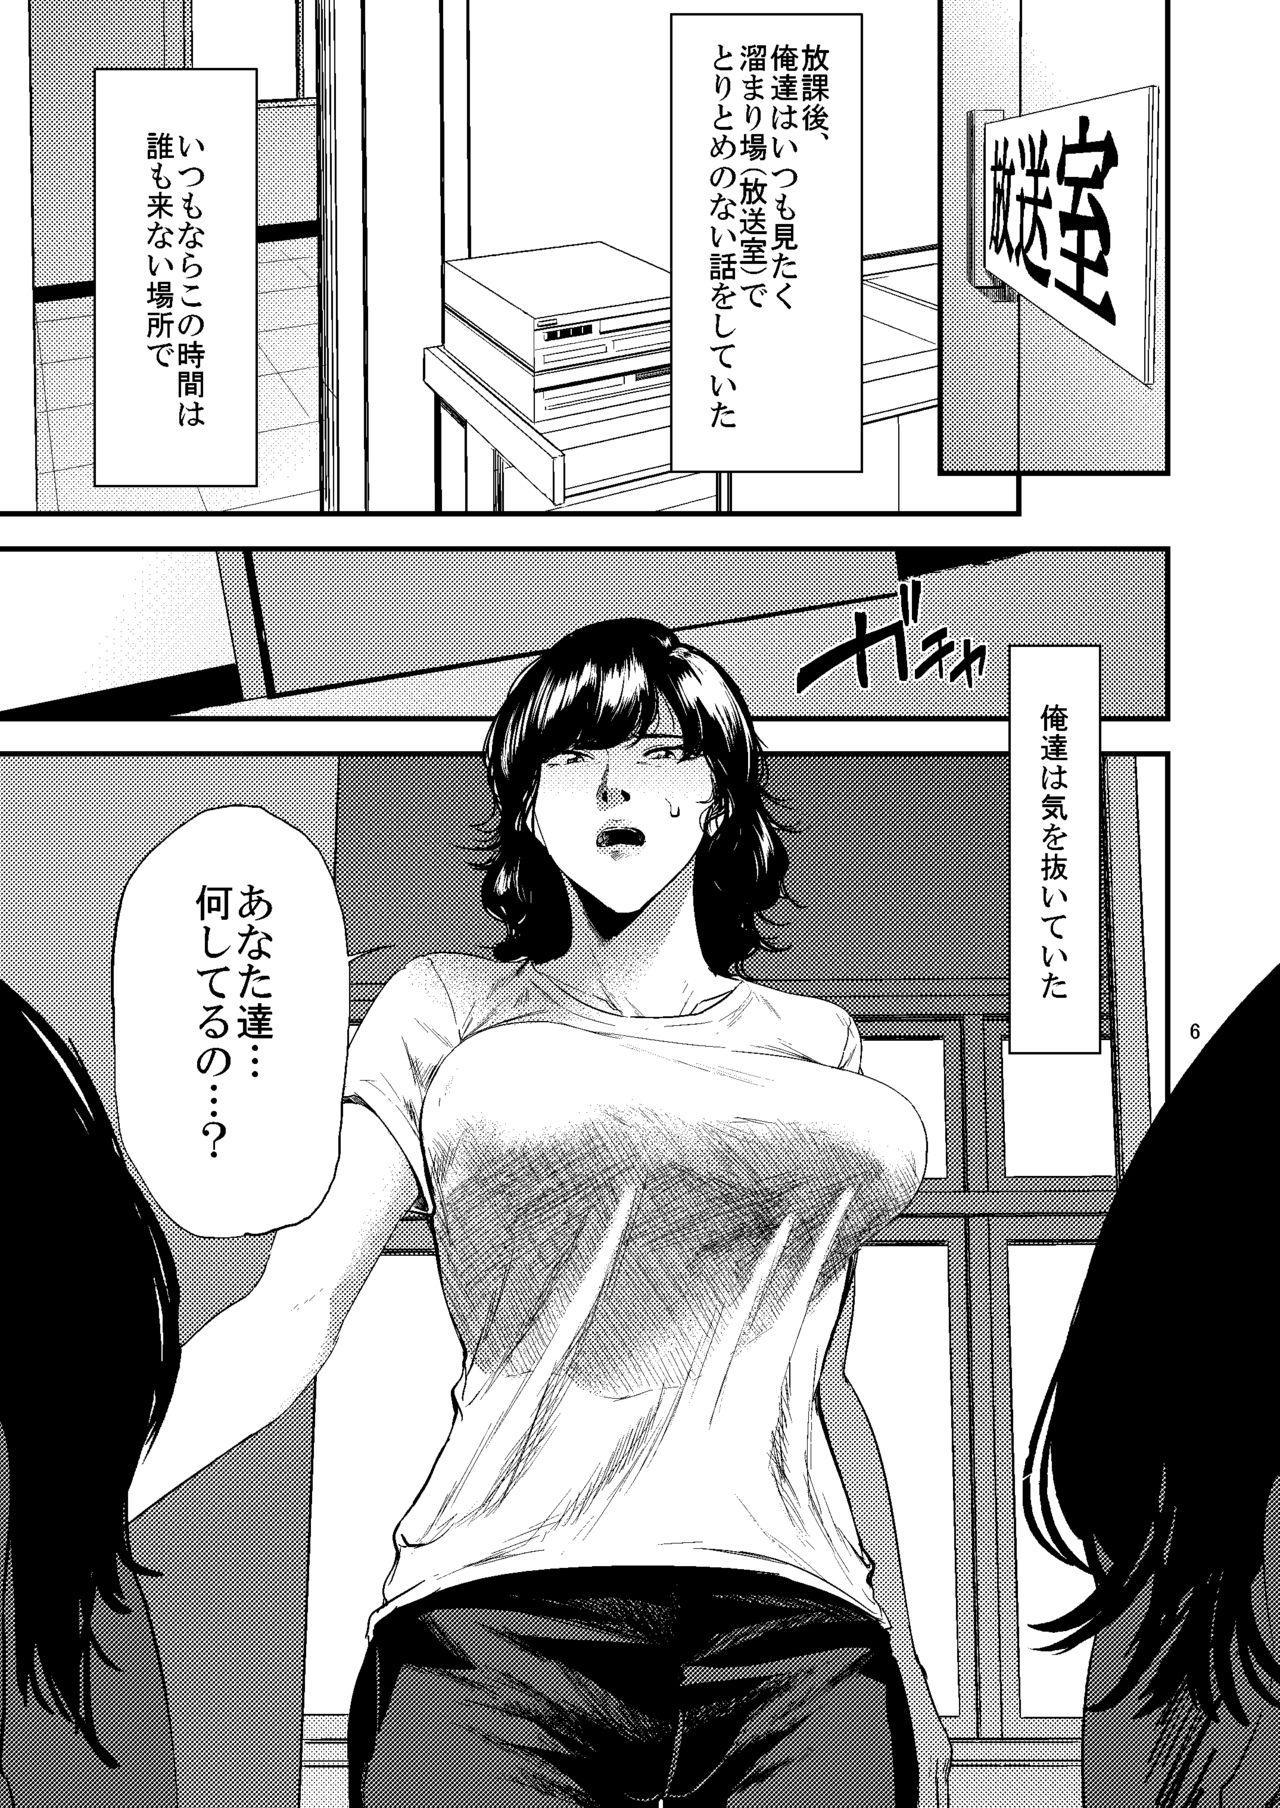 Sukoshi Ki no Tsuyoi Rika no Sensei ga Seito ni Moteasobareru H Na Hon 5